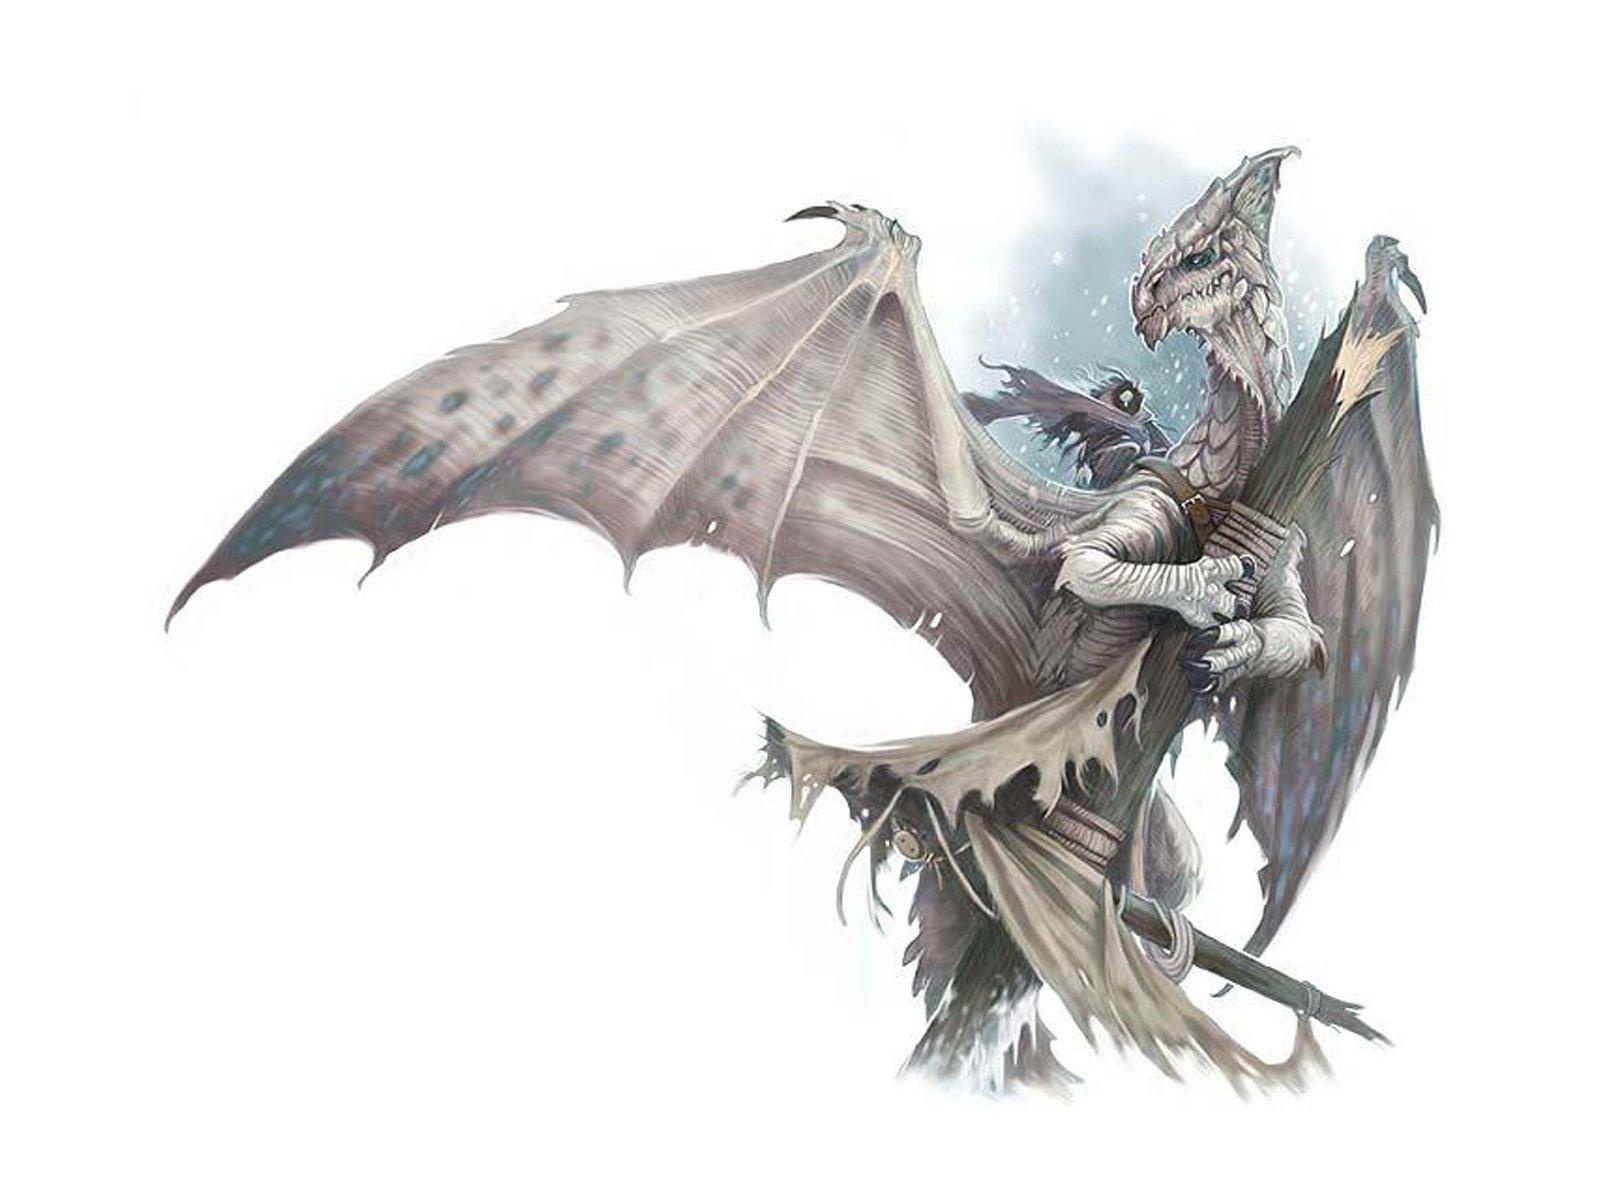 dragon wallpaper 1600x1200 - photo #8